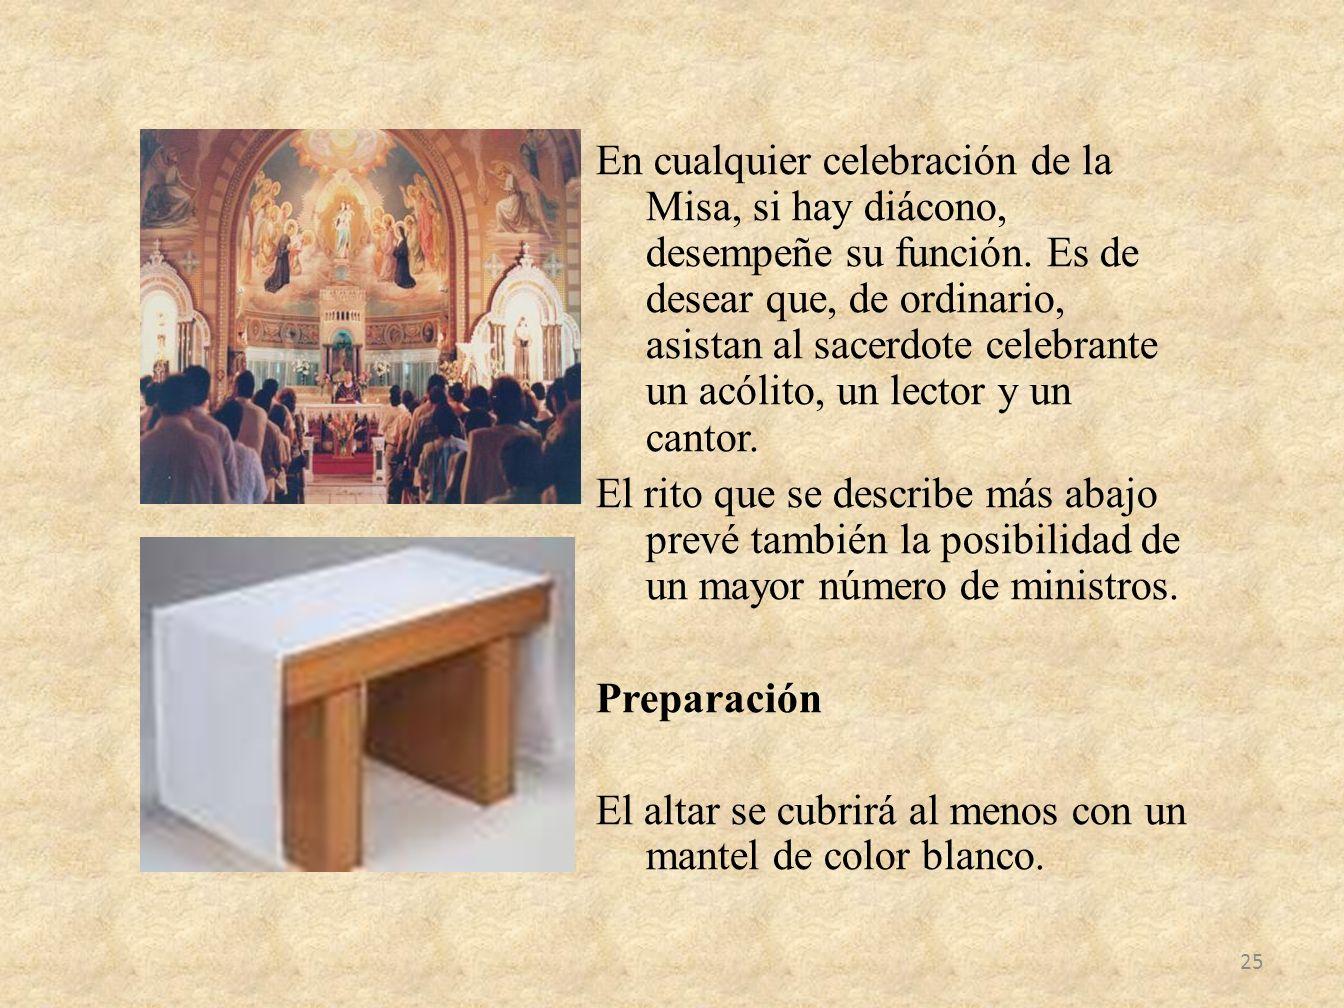 En cualquier celebración de la Misa, si hay diácono, desempeñe su función. Es de desear que, de ordinario, asistan al sacerdote celebrante un acólito,